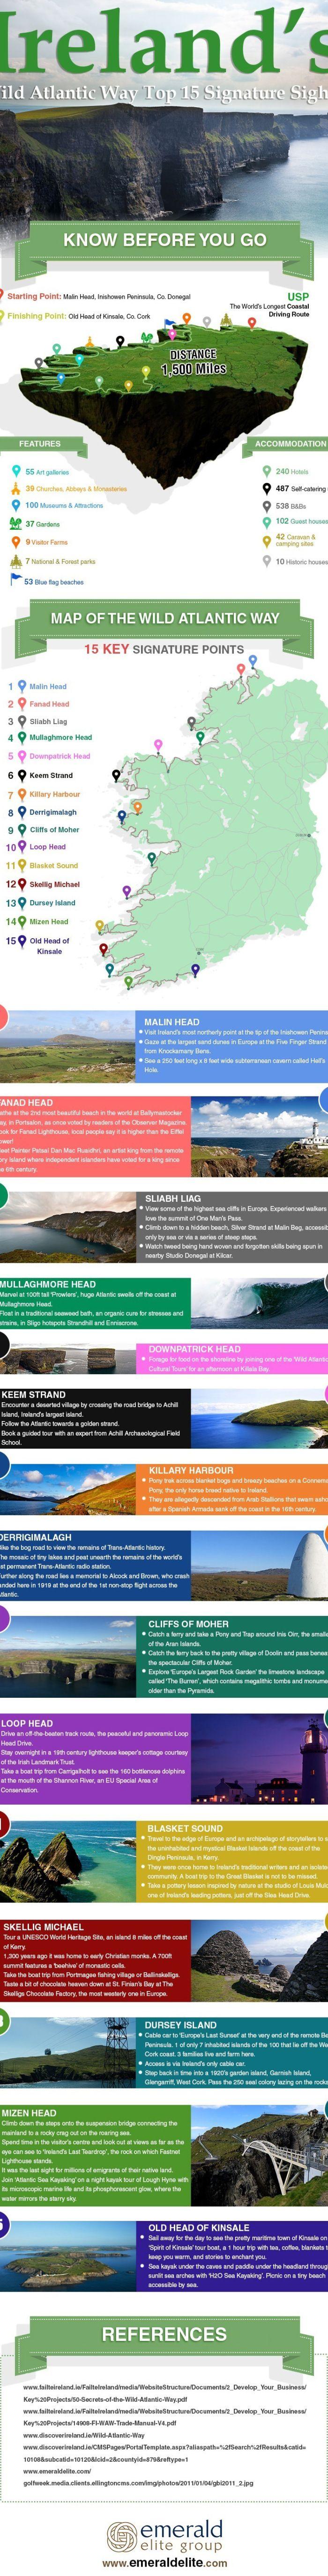 Ireland Wild Atlantic Way Infographic